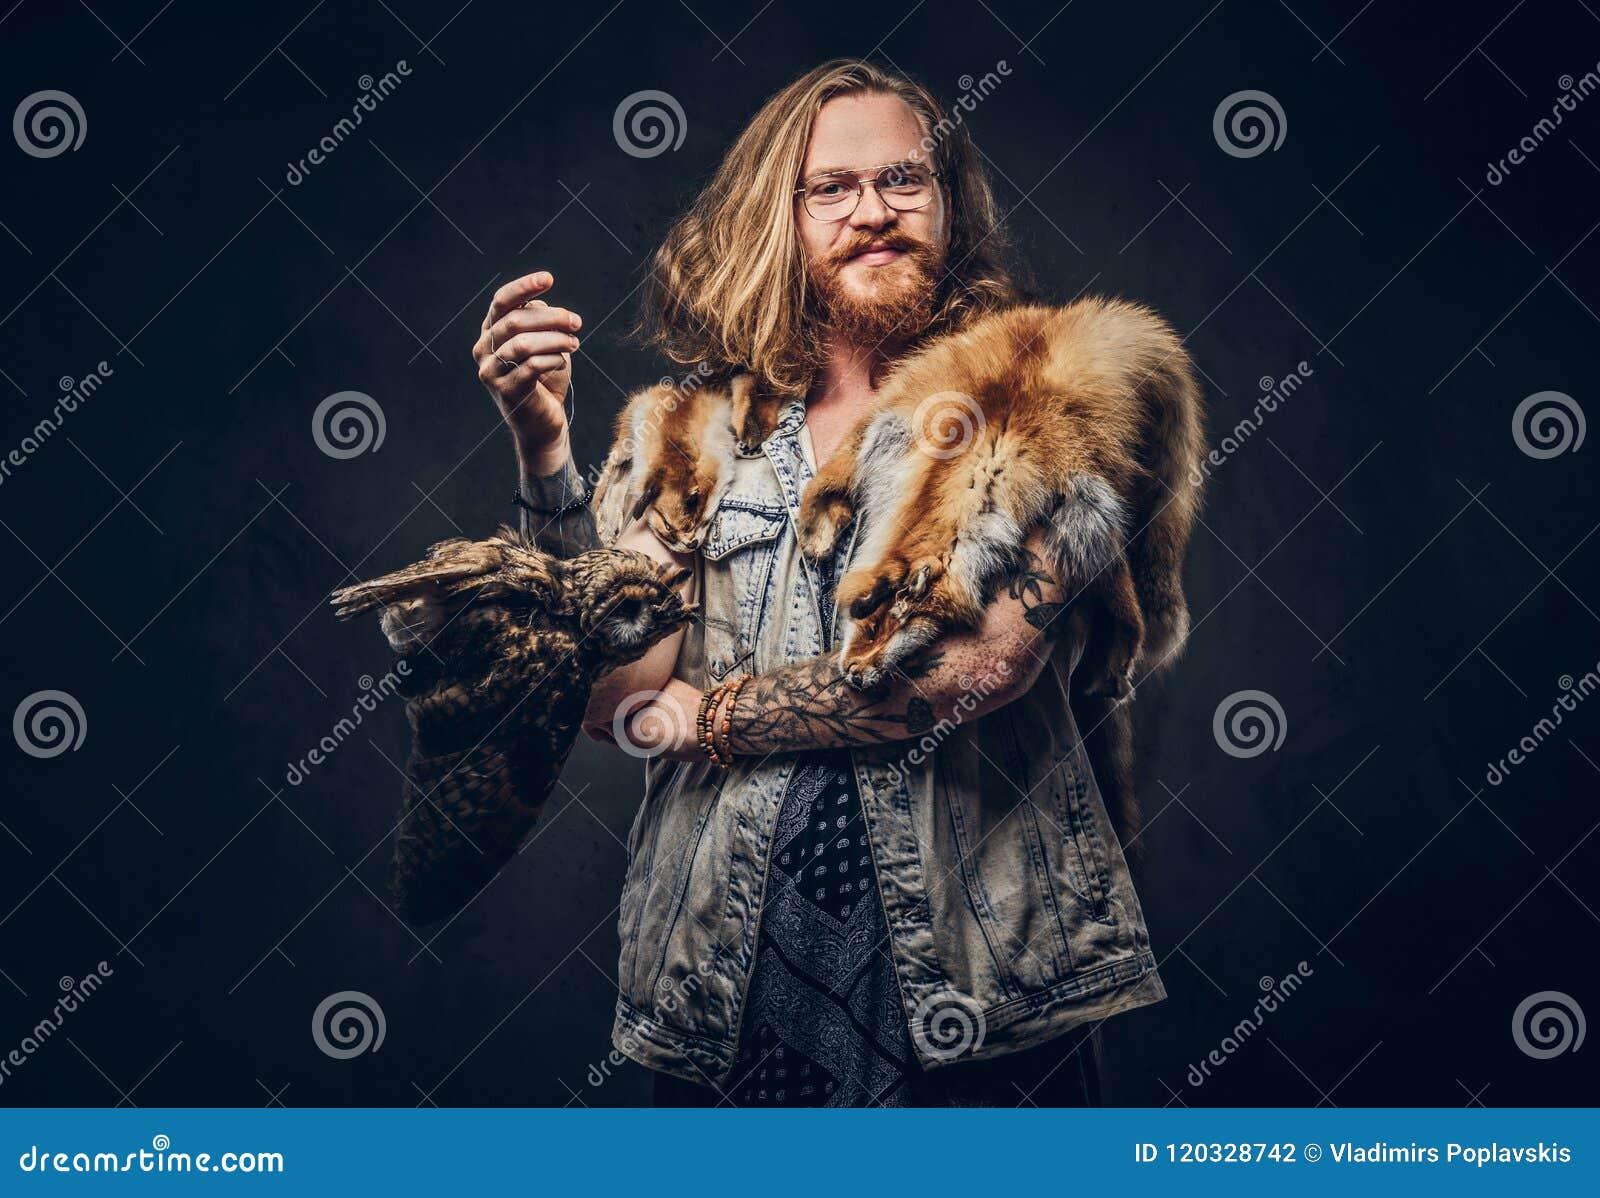 Retrato de um homem tattoed do moderno do ruivo com cabelo exuberante longo e a barba completa vestidos em posses de um t-shirt e